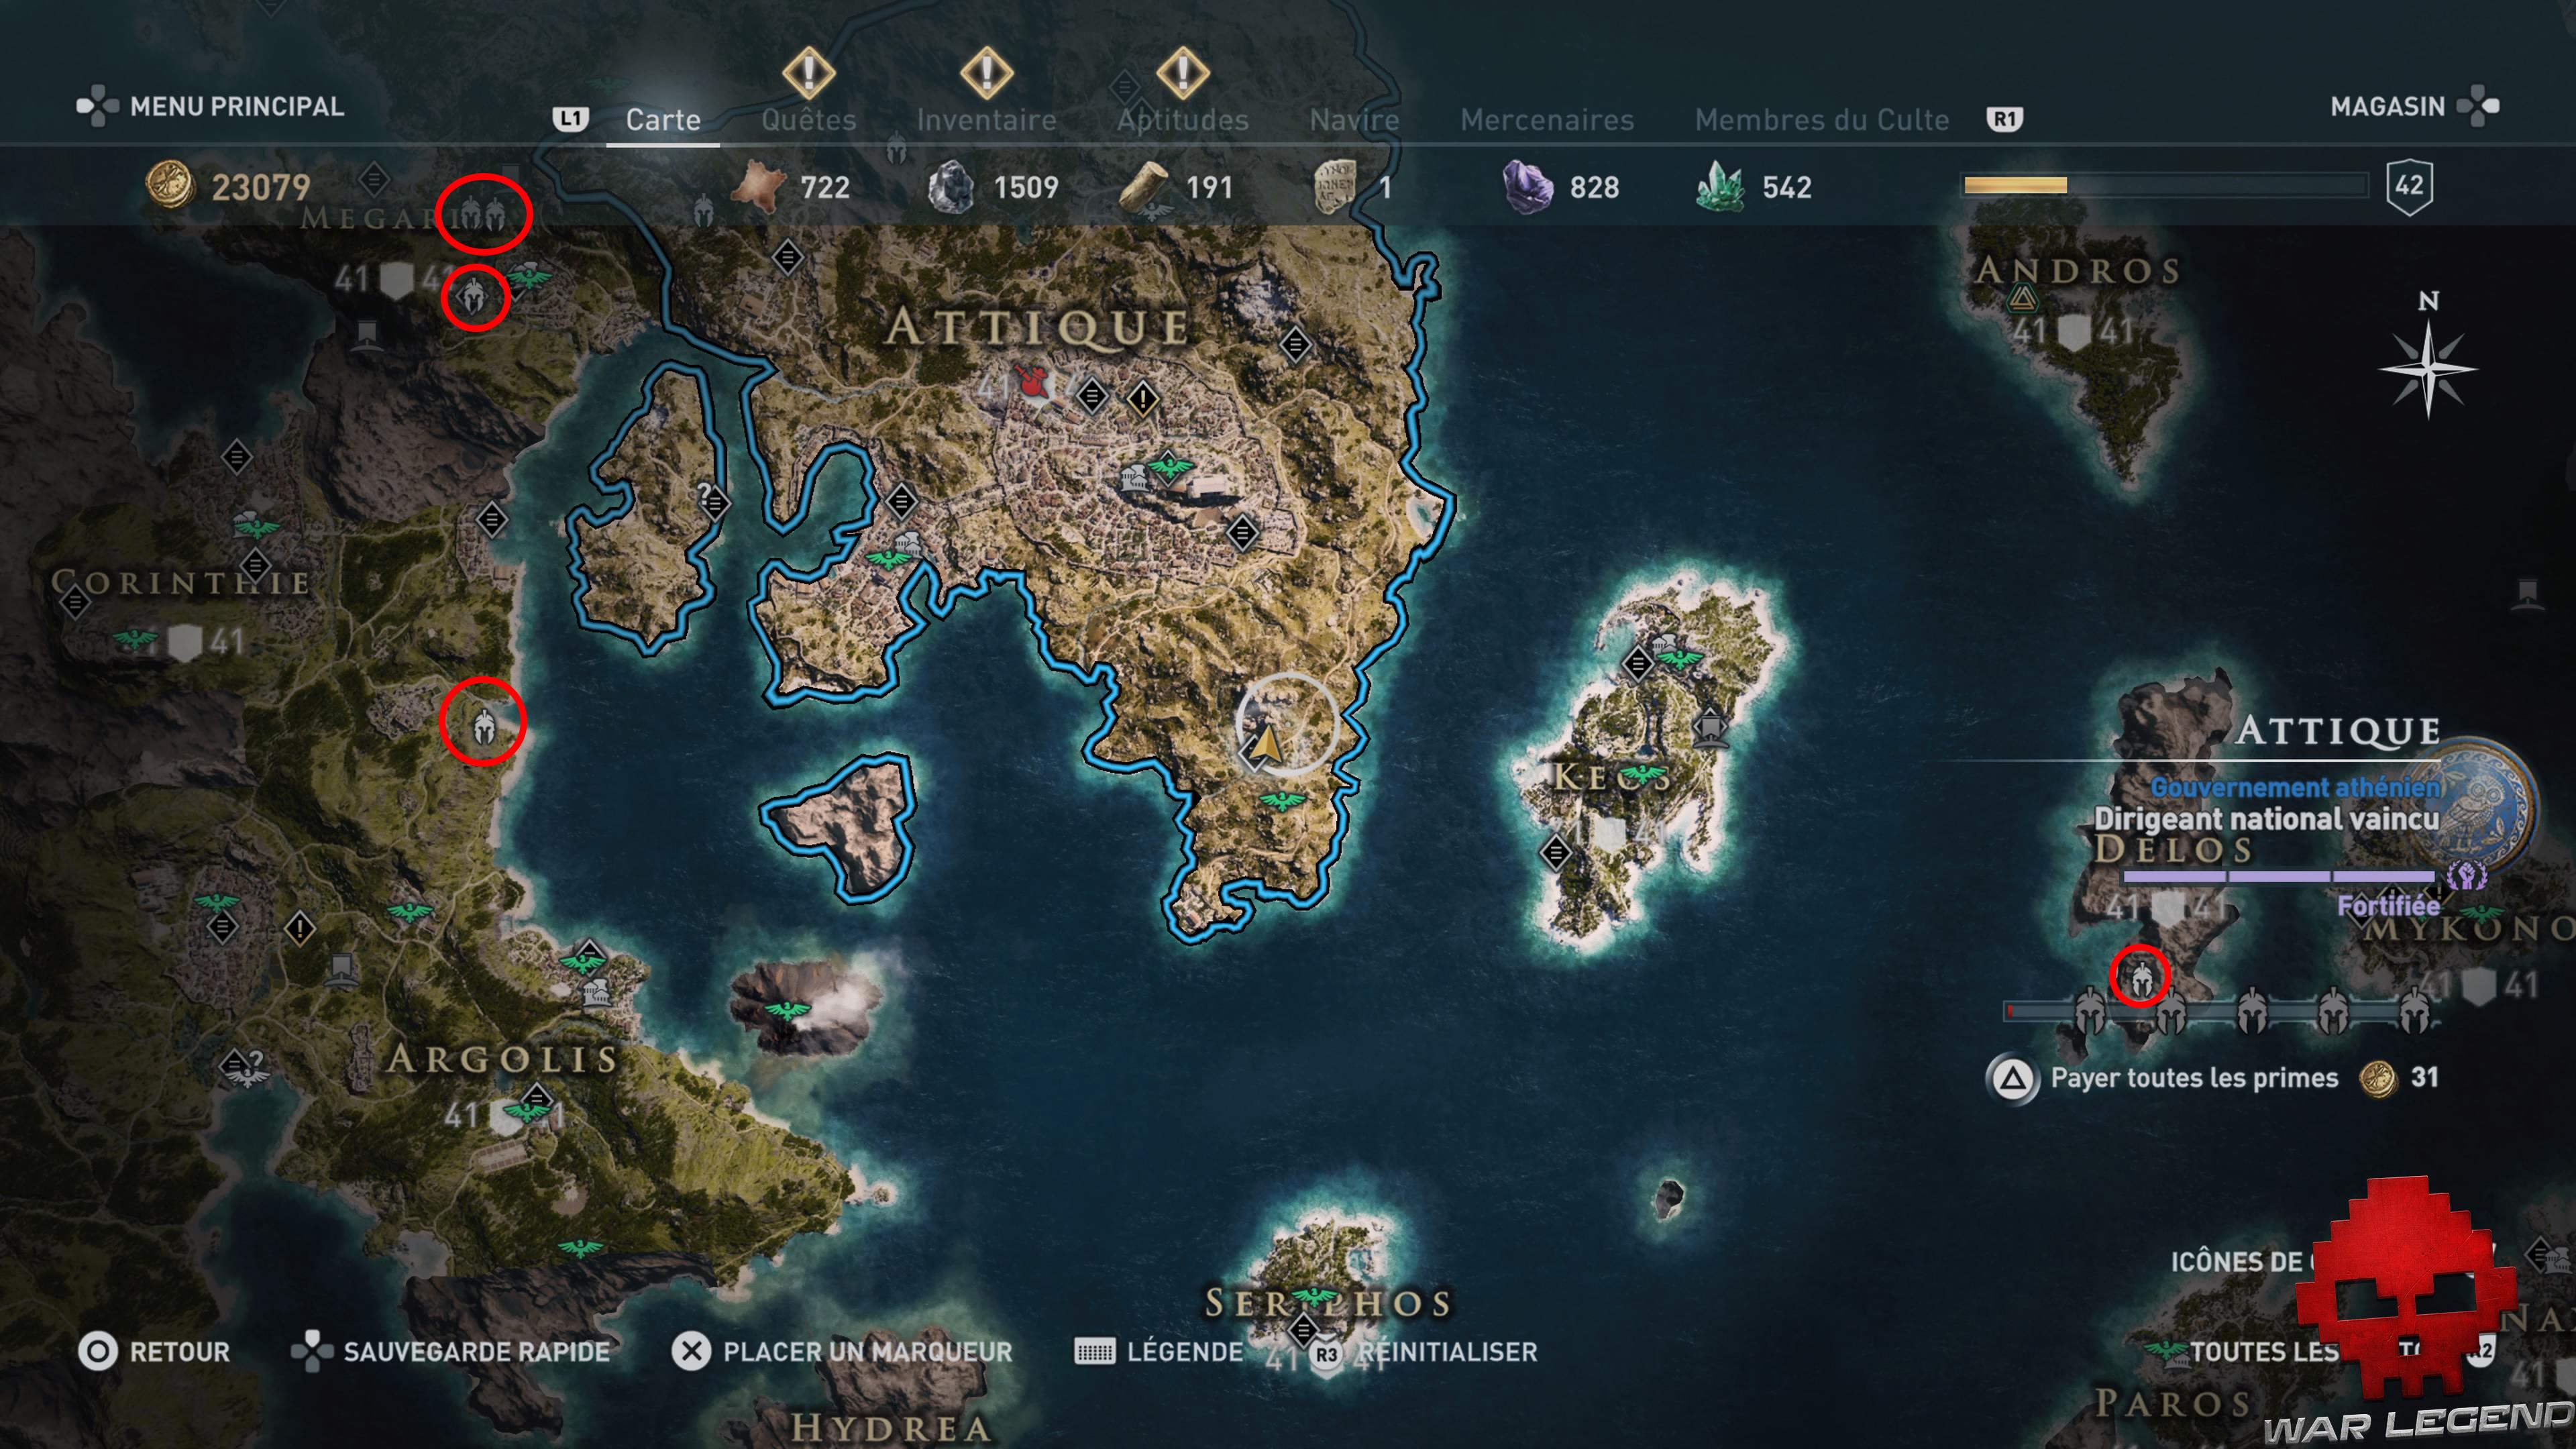 Guide mercenaires Assassin's Creed Odyssey - Carte du monde avec casques blancs entourés